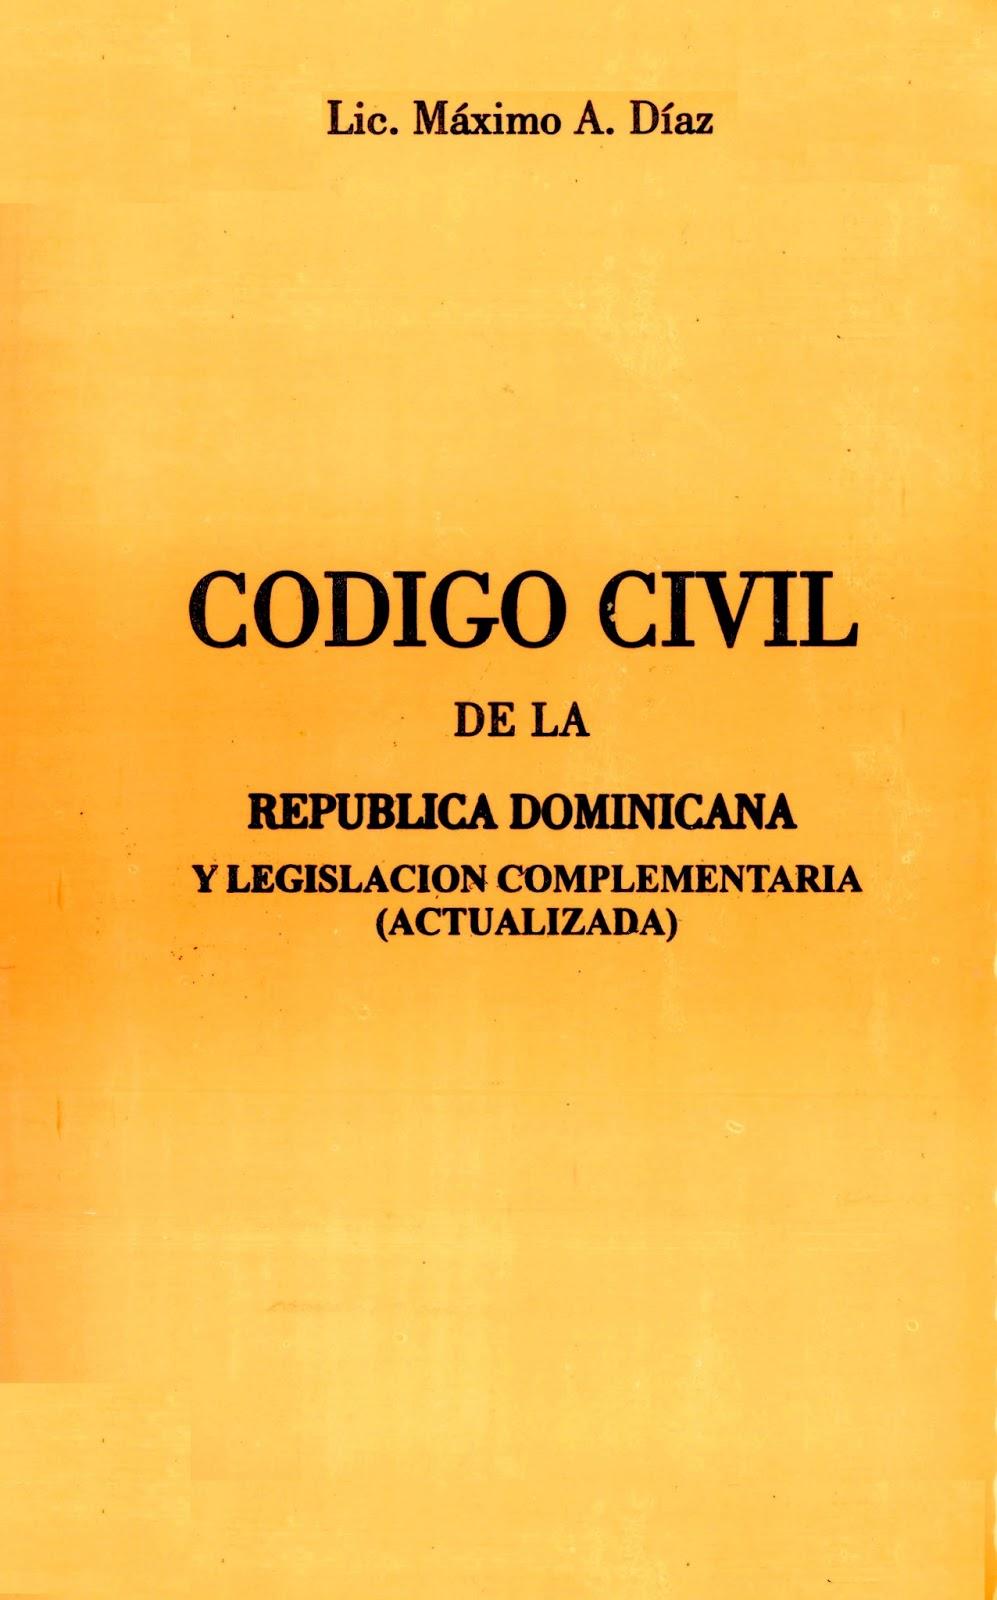 Codigo Civil Dominicano | Carlos Felipe Law Firm